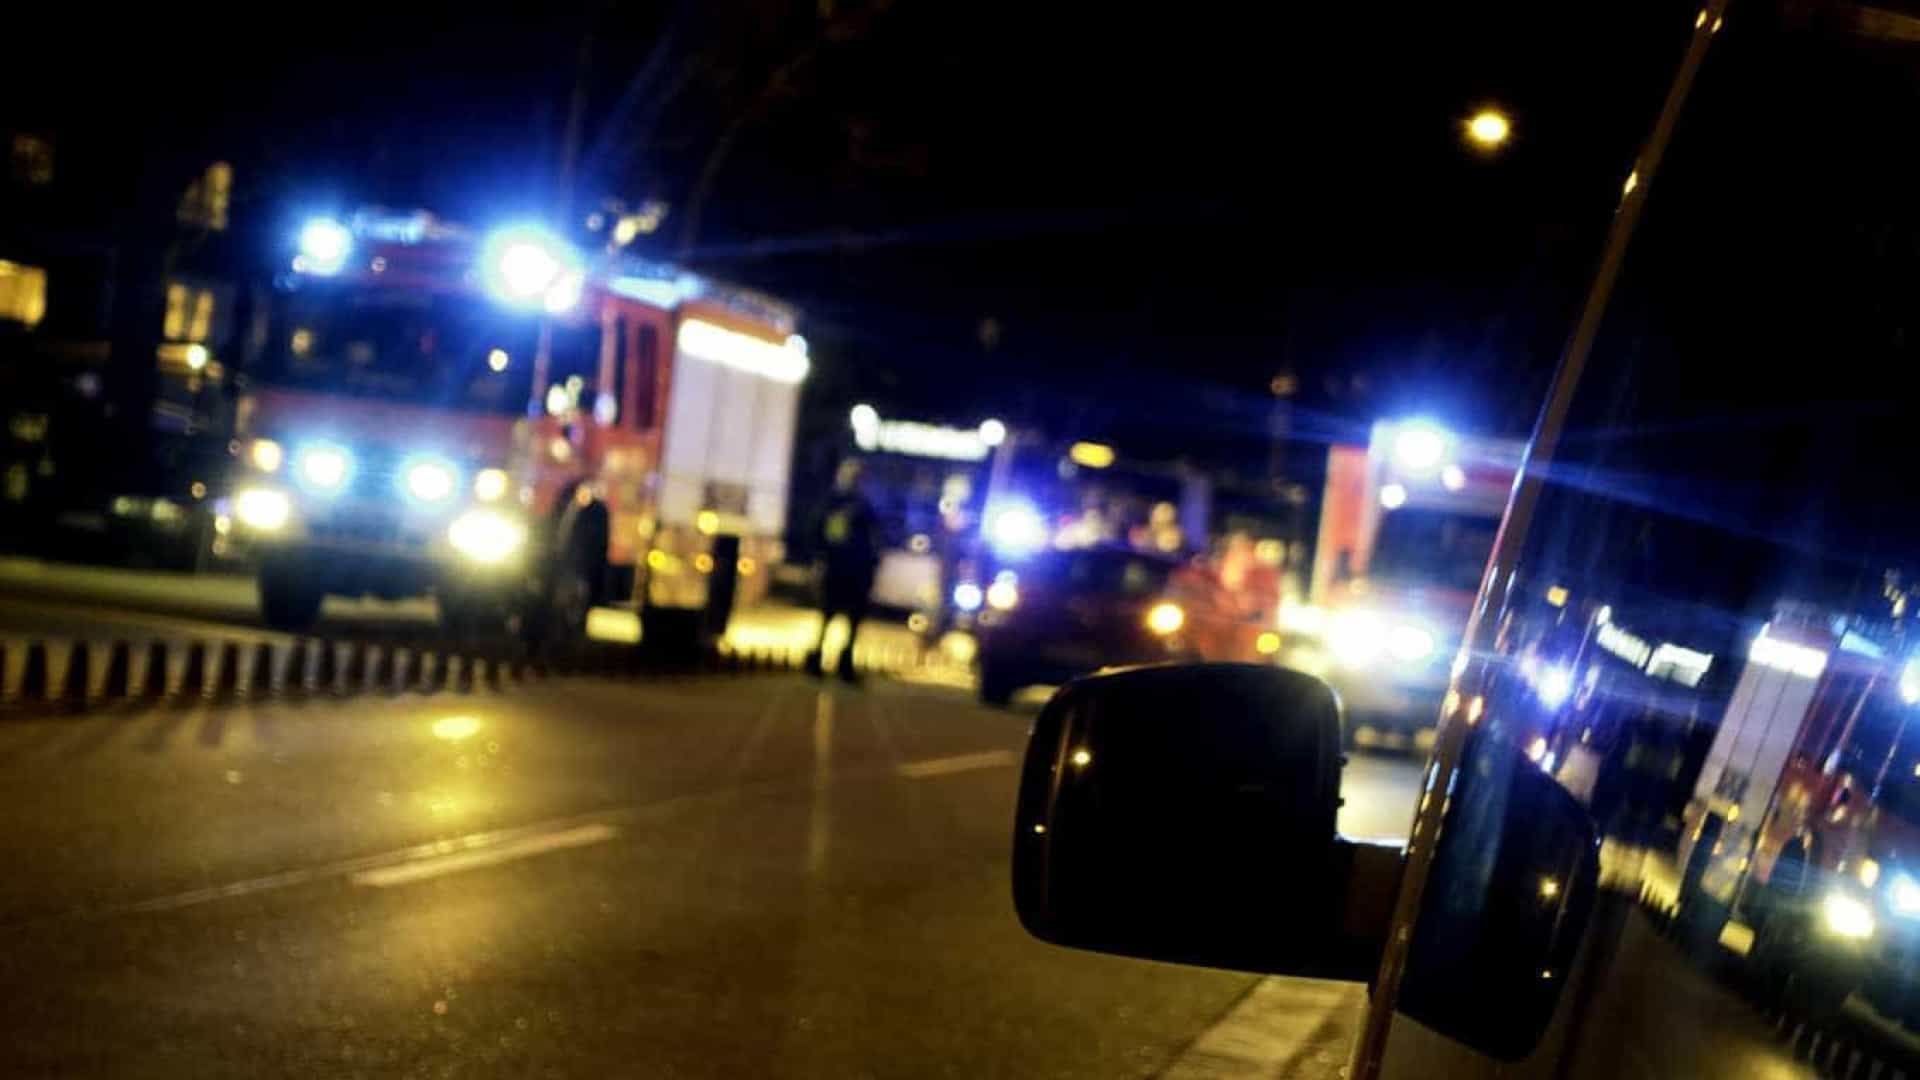 Autoestrada do Norte reaberta pelas 7h00 após acidente na Mealhada